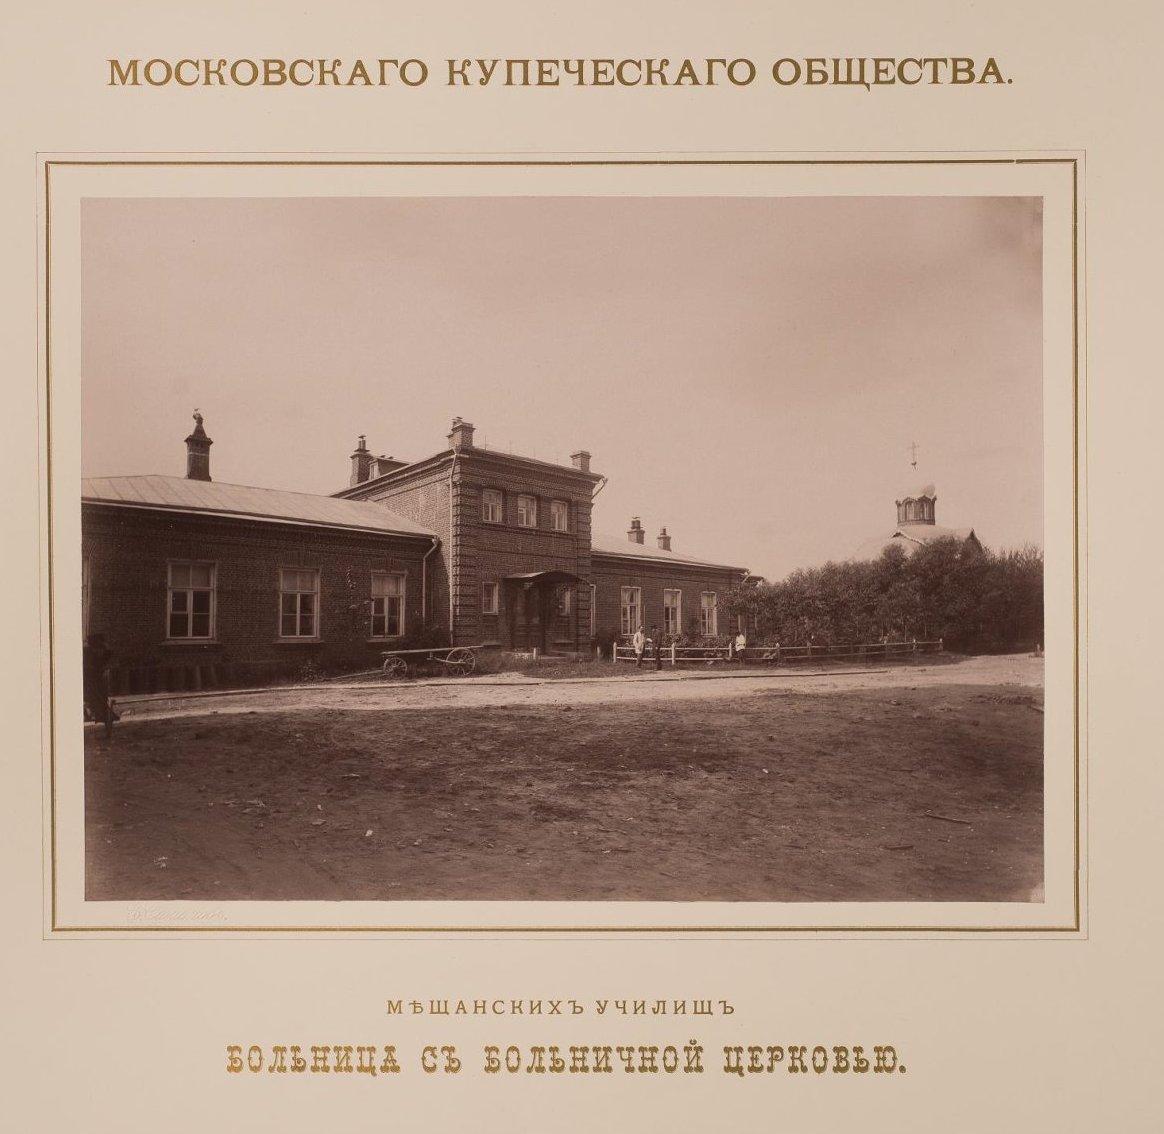 07. Мещанские училища. Больница с больничной церковью